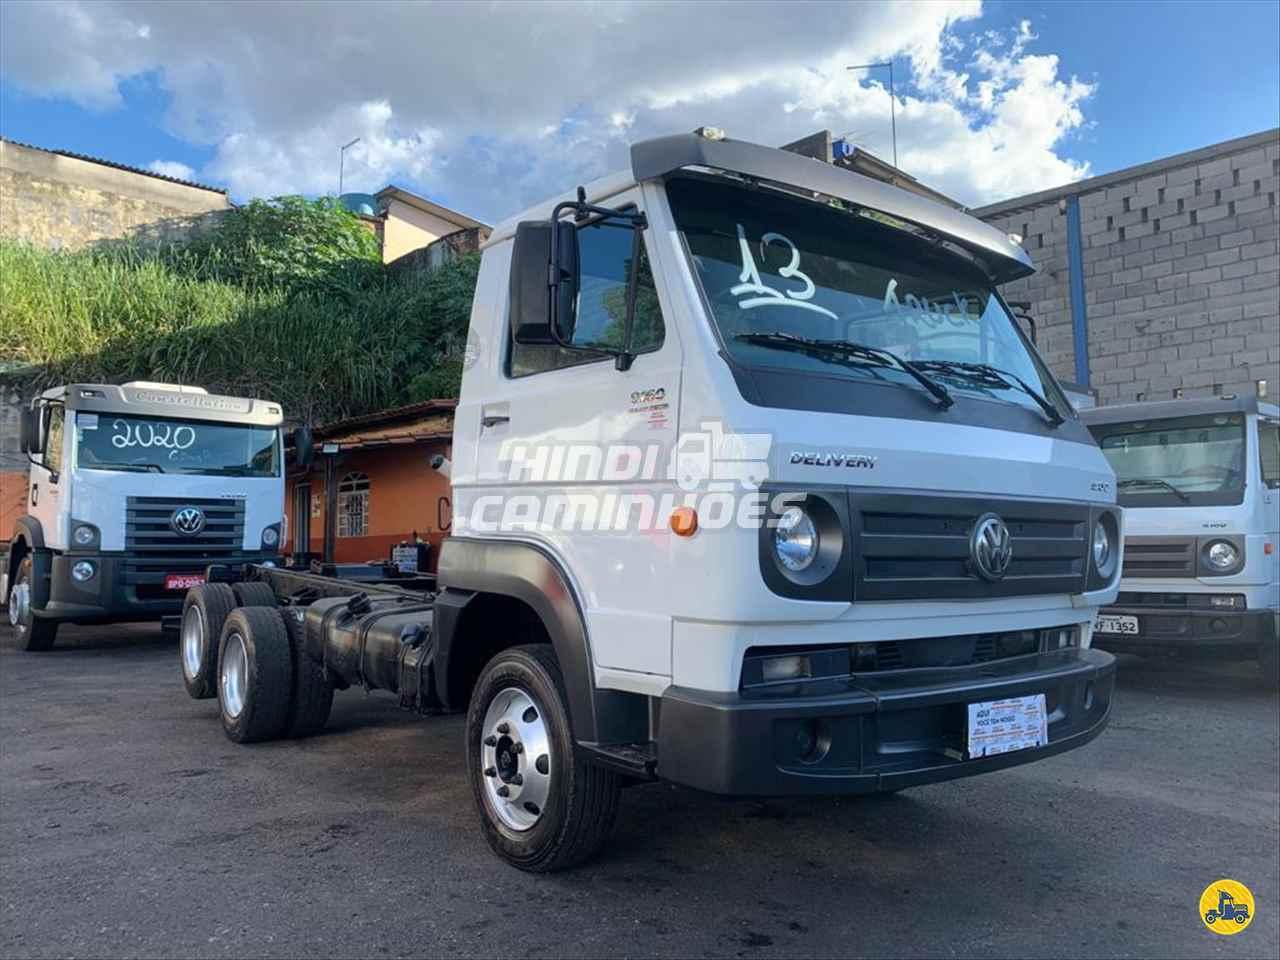 CAMINHAO VOLKSWAGEN VW 9160 Chassis Truck 6x2 Hindi Caminhões CONTAGEM MINAS GERAIS MG